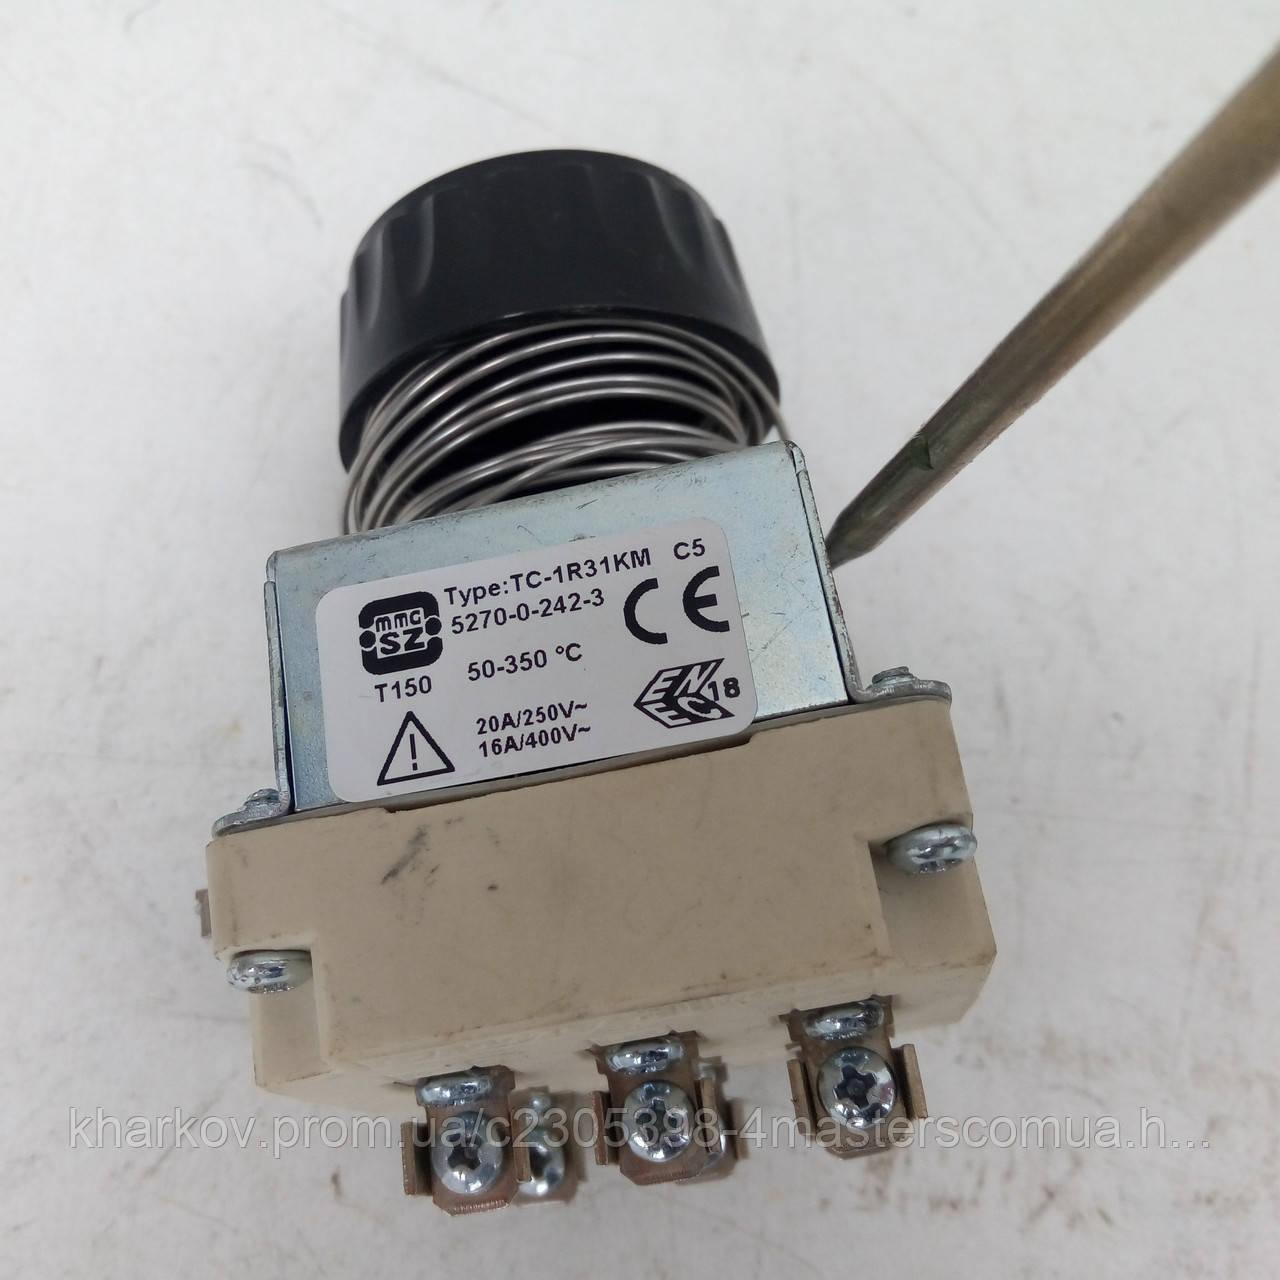 Термостат капиллярный трехполюсный до 350 *С